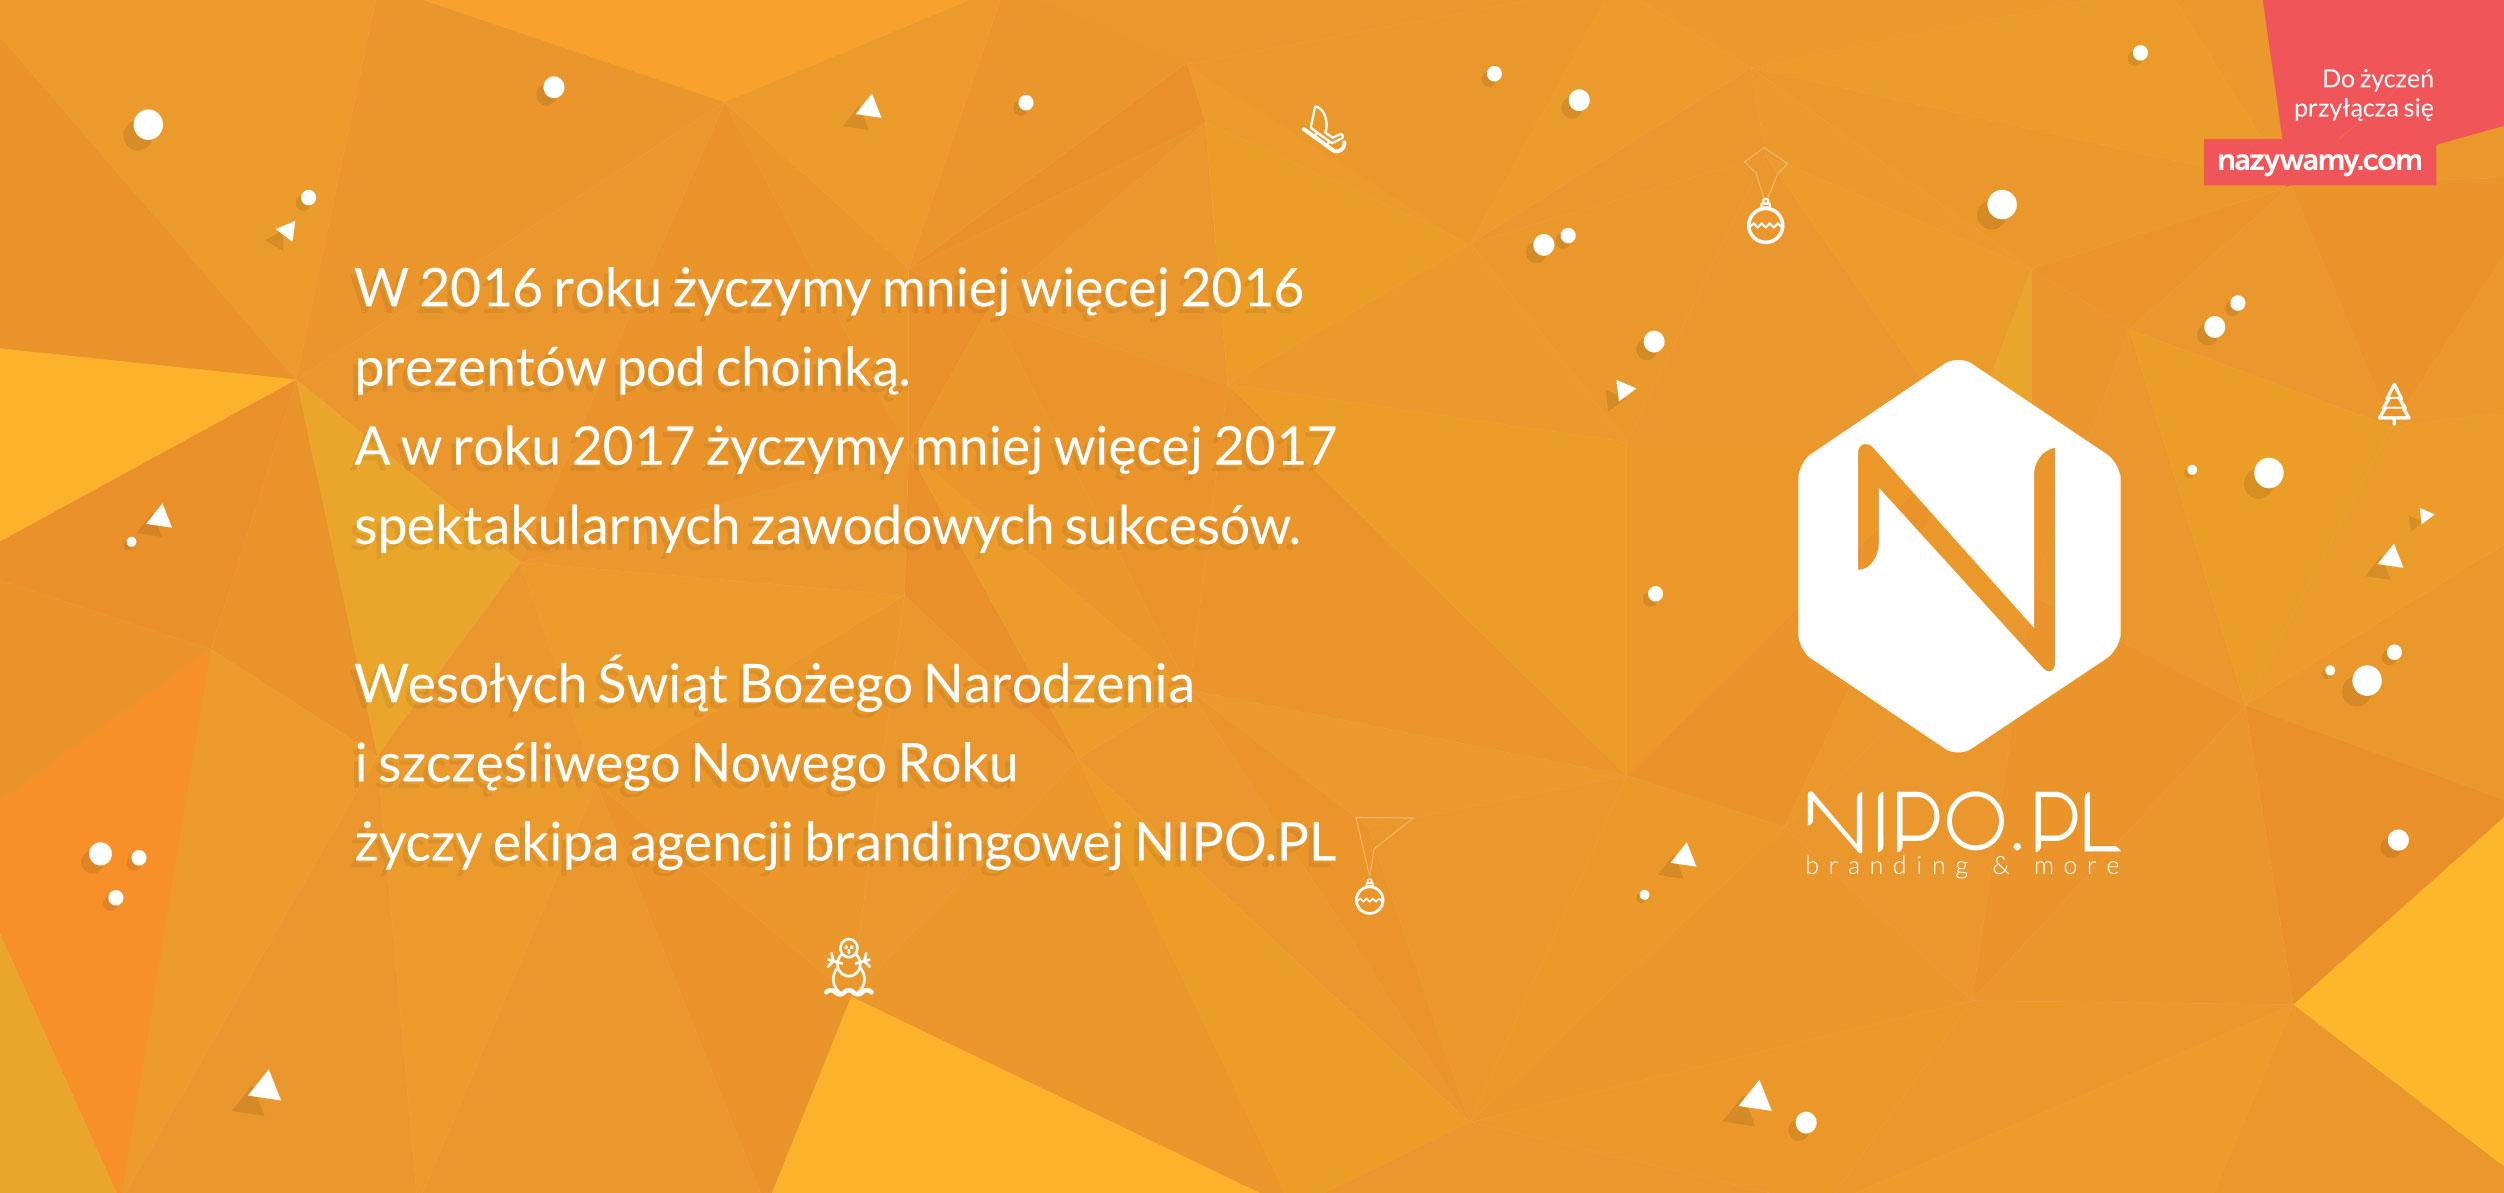 swieta_2016_nipo-pl_2